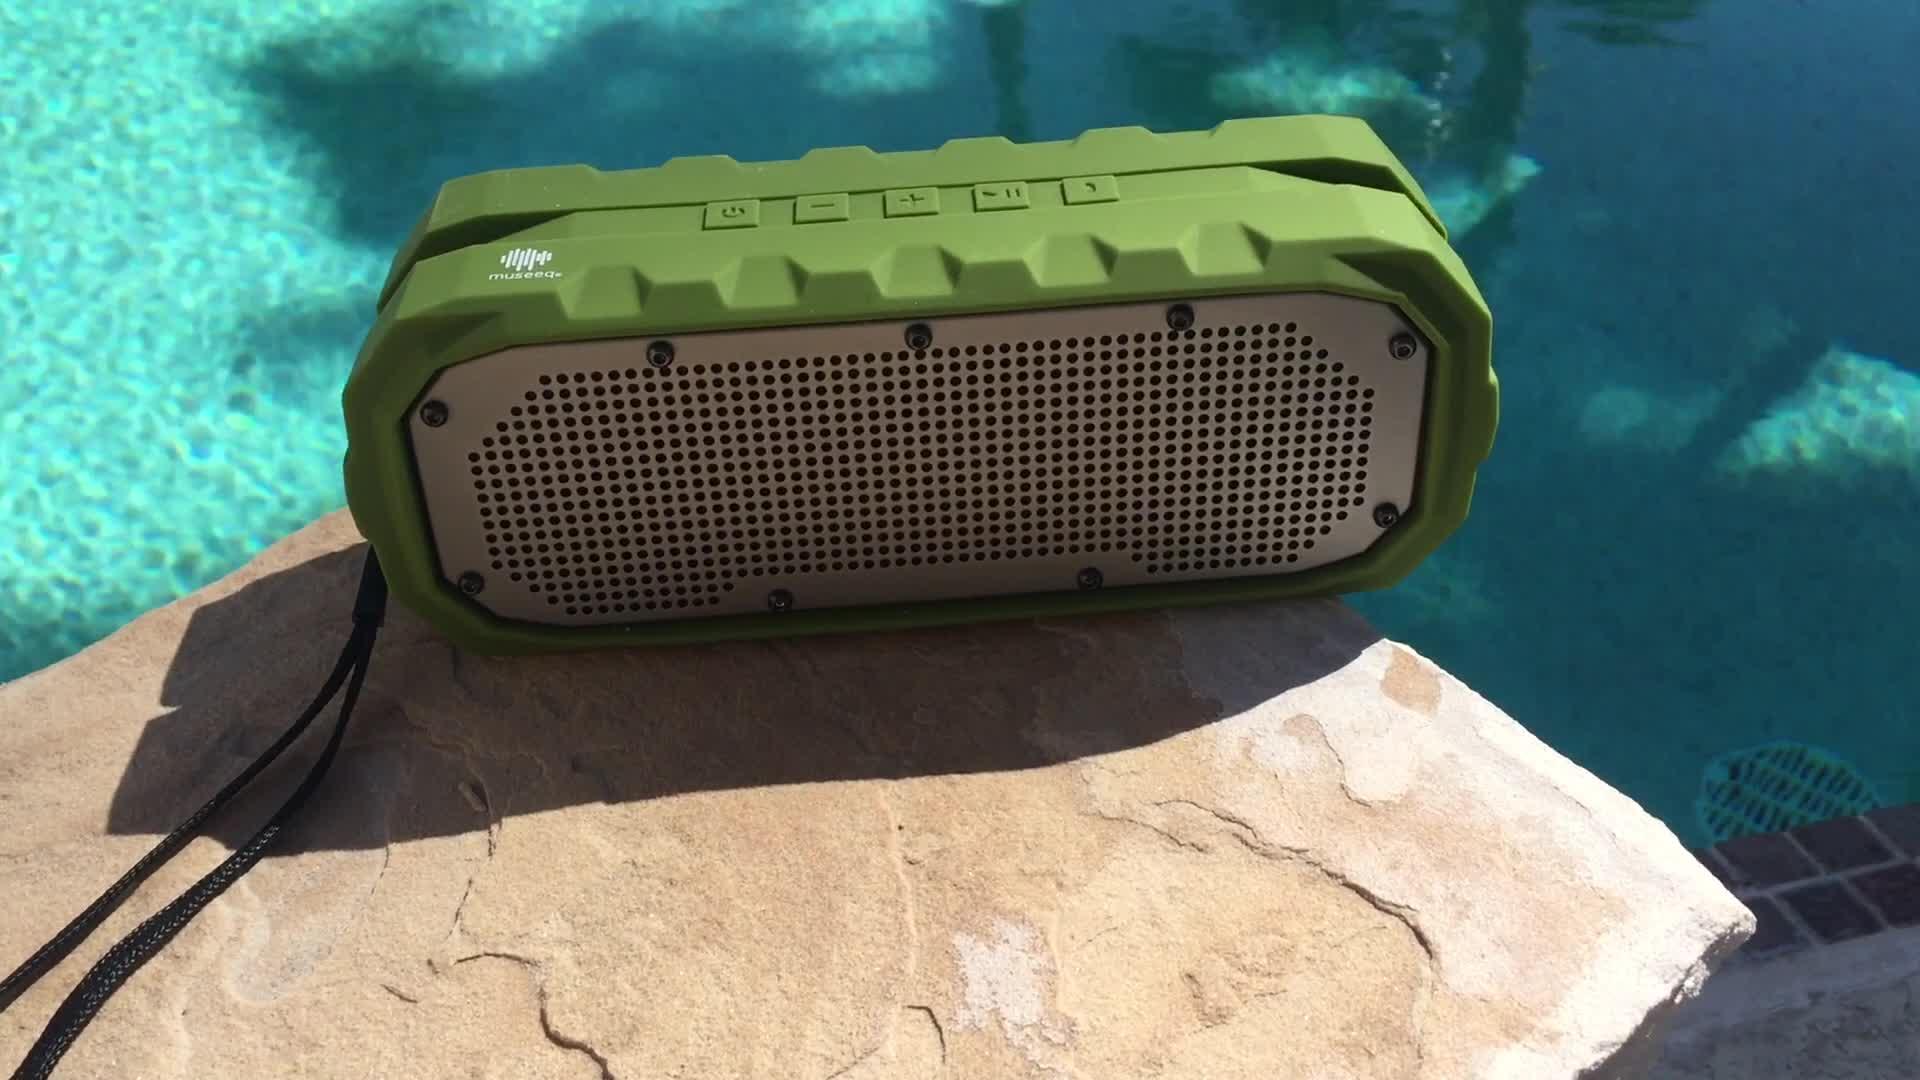 Museeq IPX5 के साथ पोर्टेबल ब्लूटूथ स्पीकर वायरलेस निविड़ अंधकार, Shockproof,Dustproof 3000mAh 6W स्टीरियो ध्वनि शावर वक्ताओं